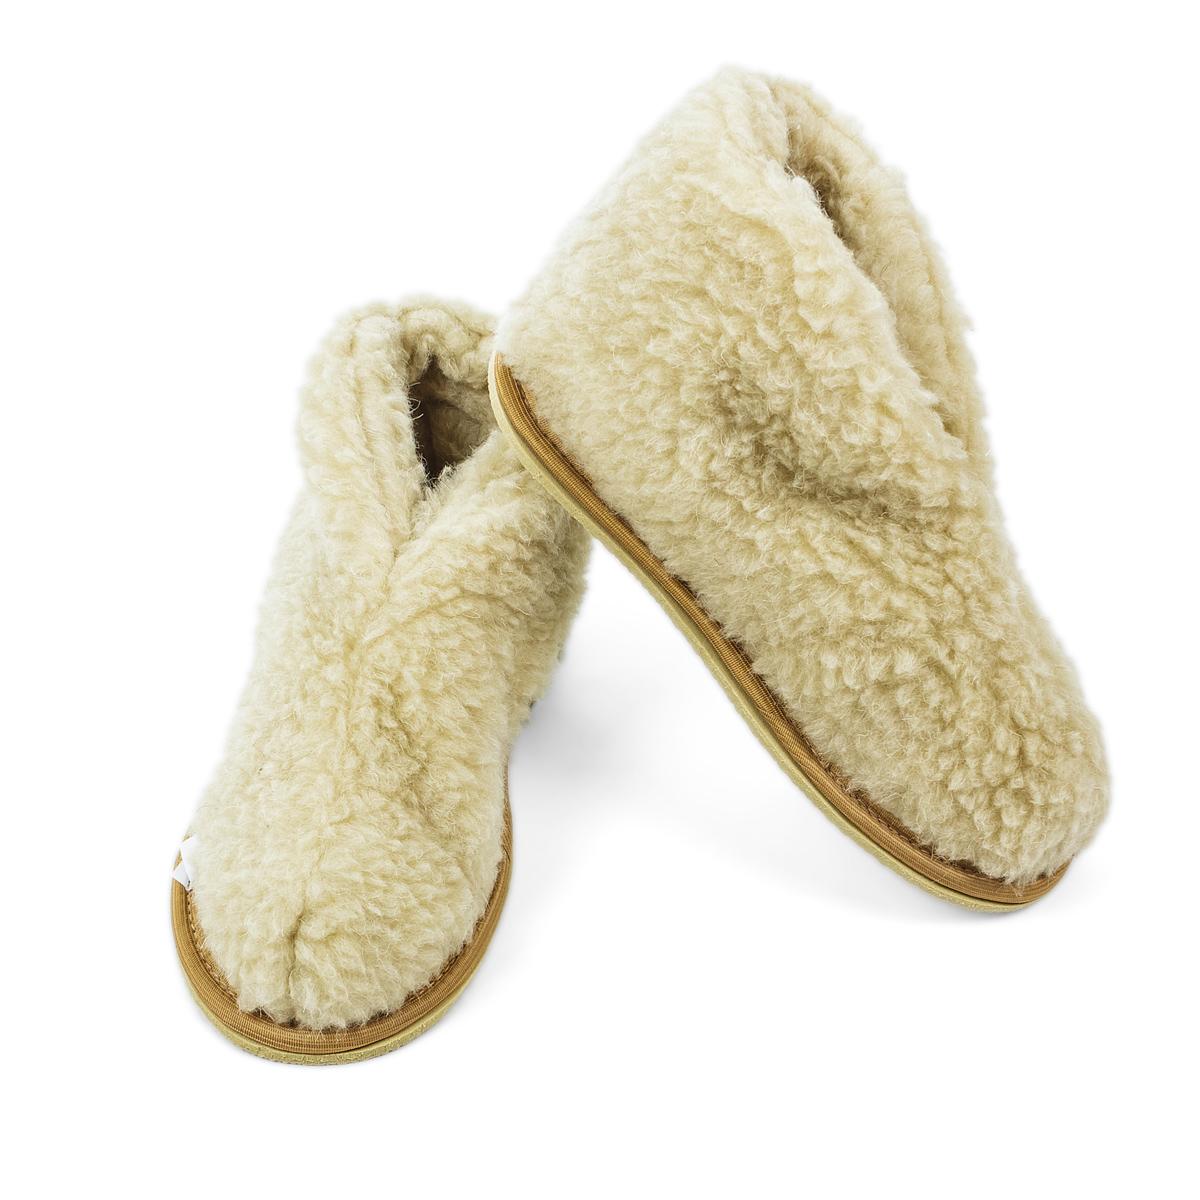 Обувь Бабуши Уют Бежевый р. 38-39Согревающий<br><br><br>Тип: Обувь<br>Размер: 38-39<br>Материал: Овечья шерсть